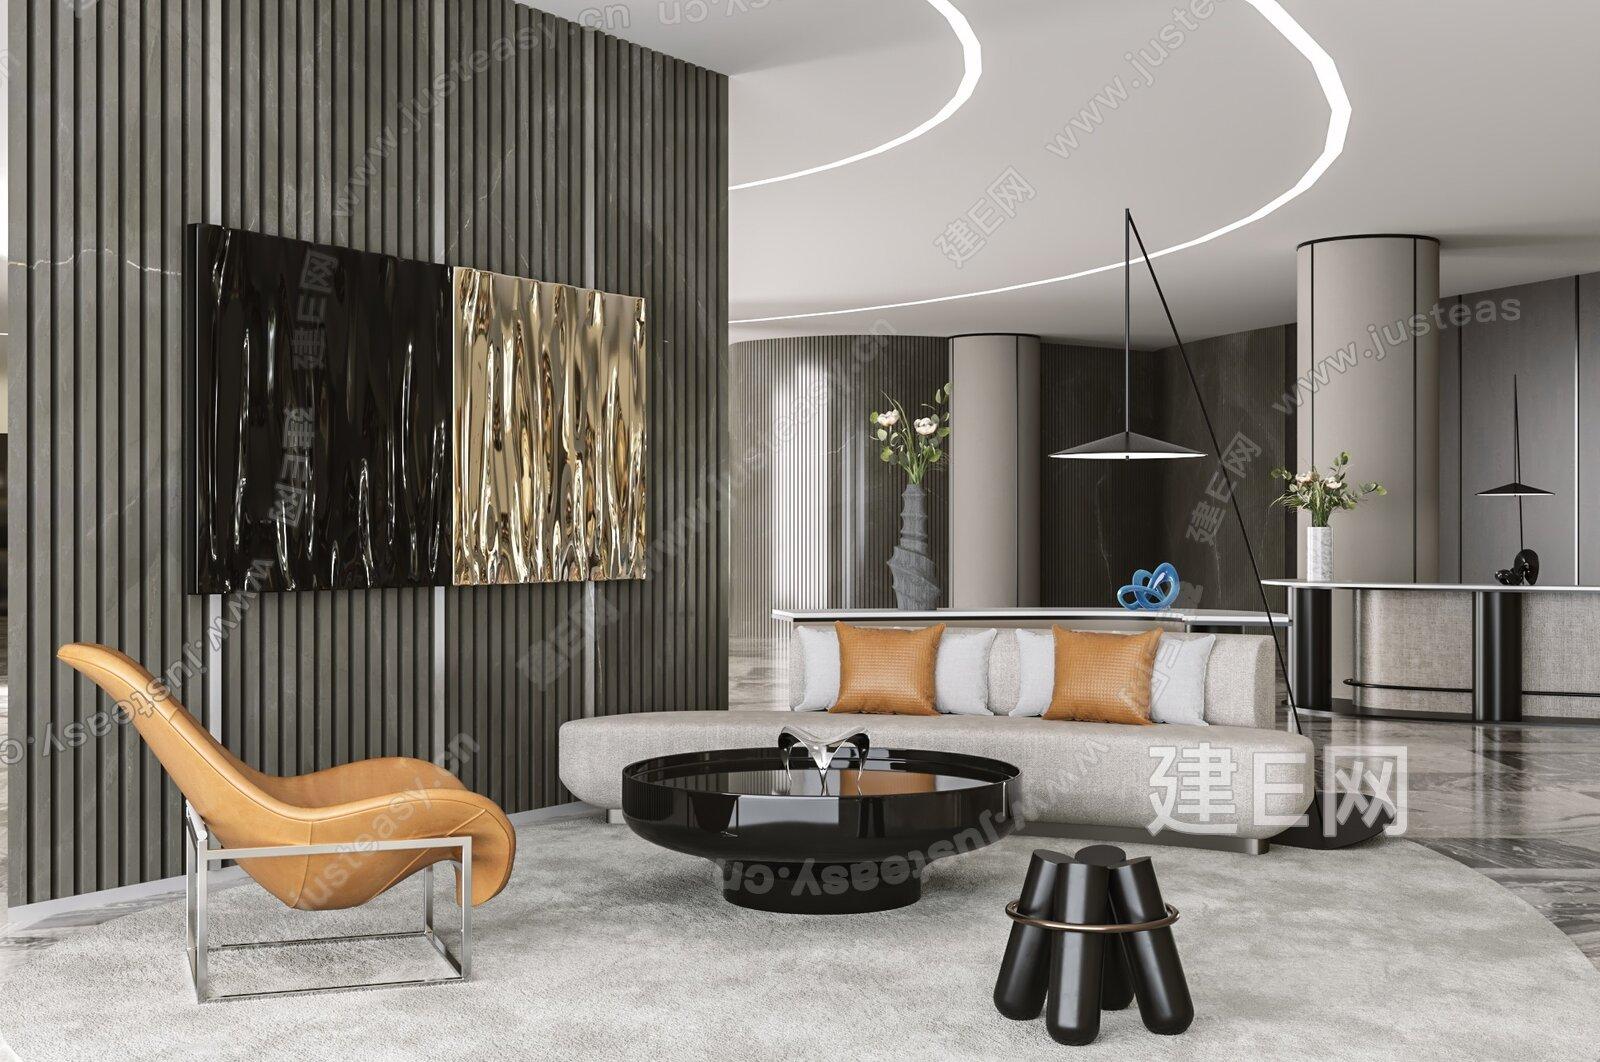 牧笛设计 现代售楼处休息区3d模型